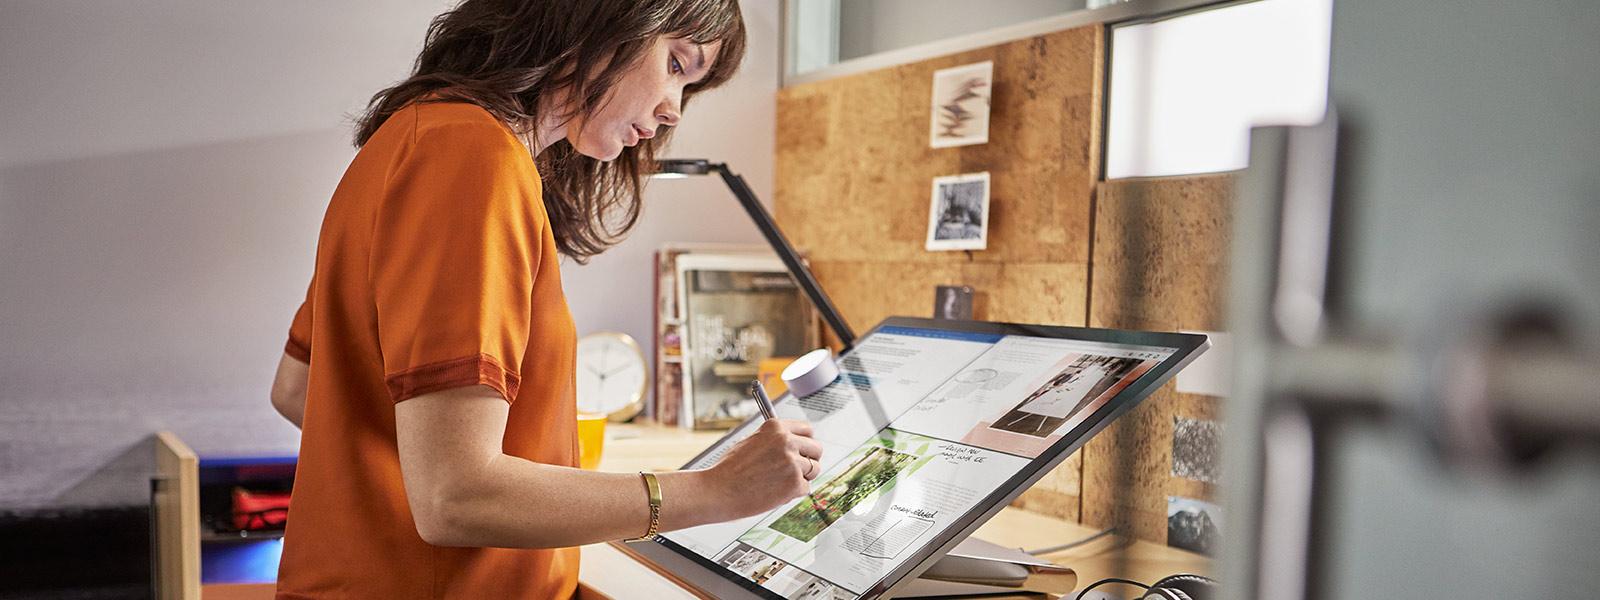 Surface Studio でペンを使っている女性。